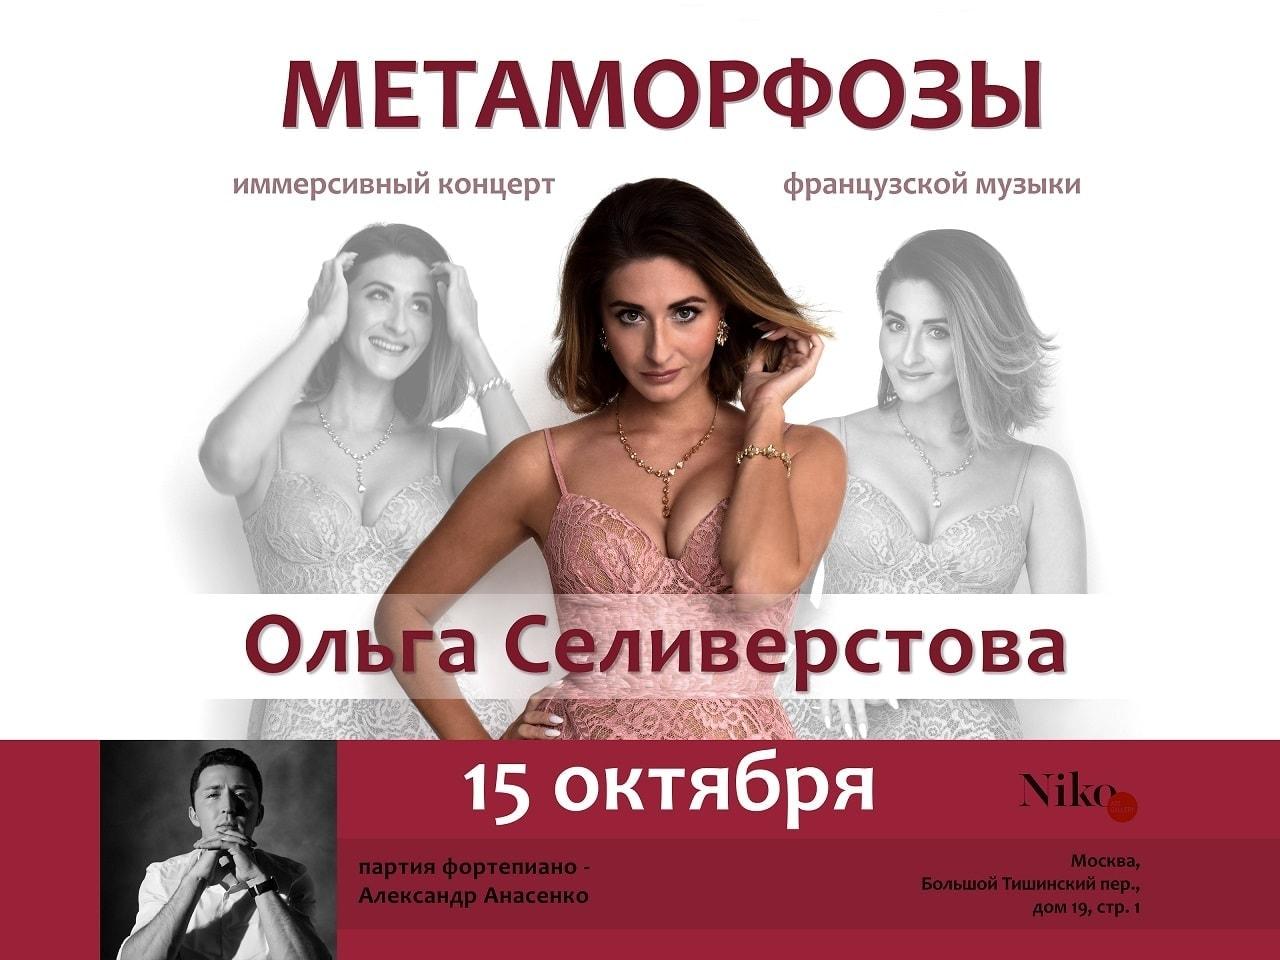 Проект Ольги Селиверстовой «Метаморфозы»